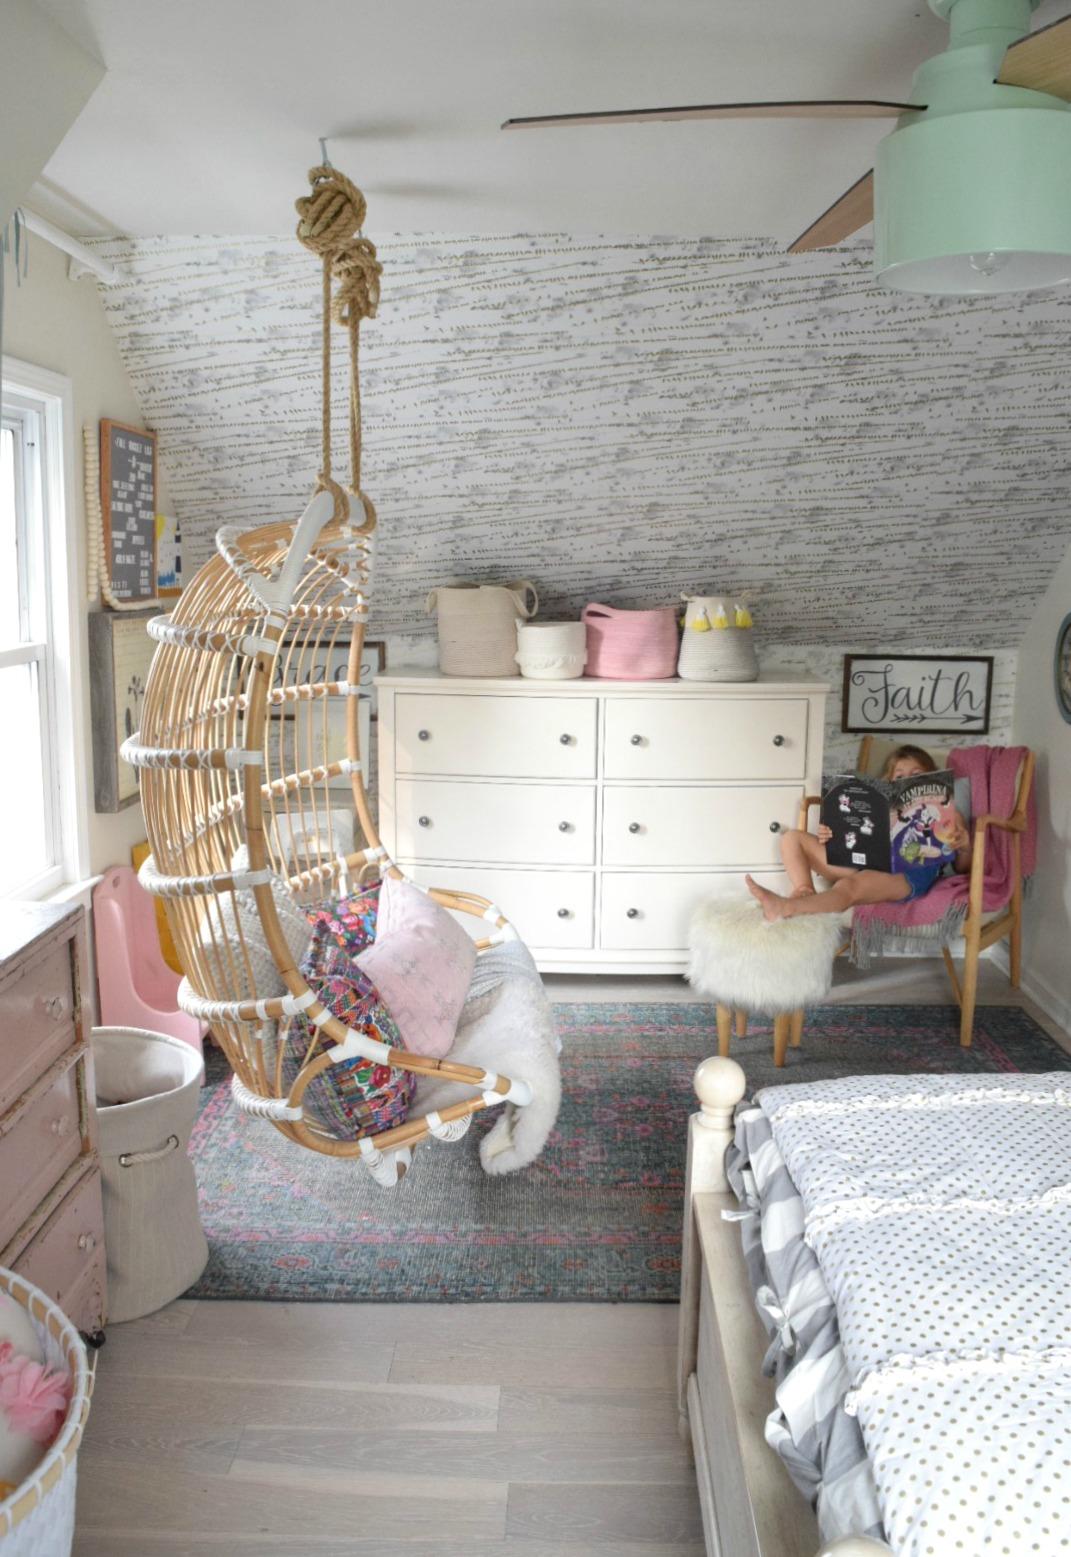 vFall Home Tour- Come inside a Tiny Cape